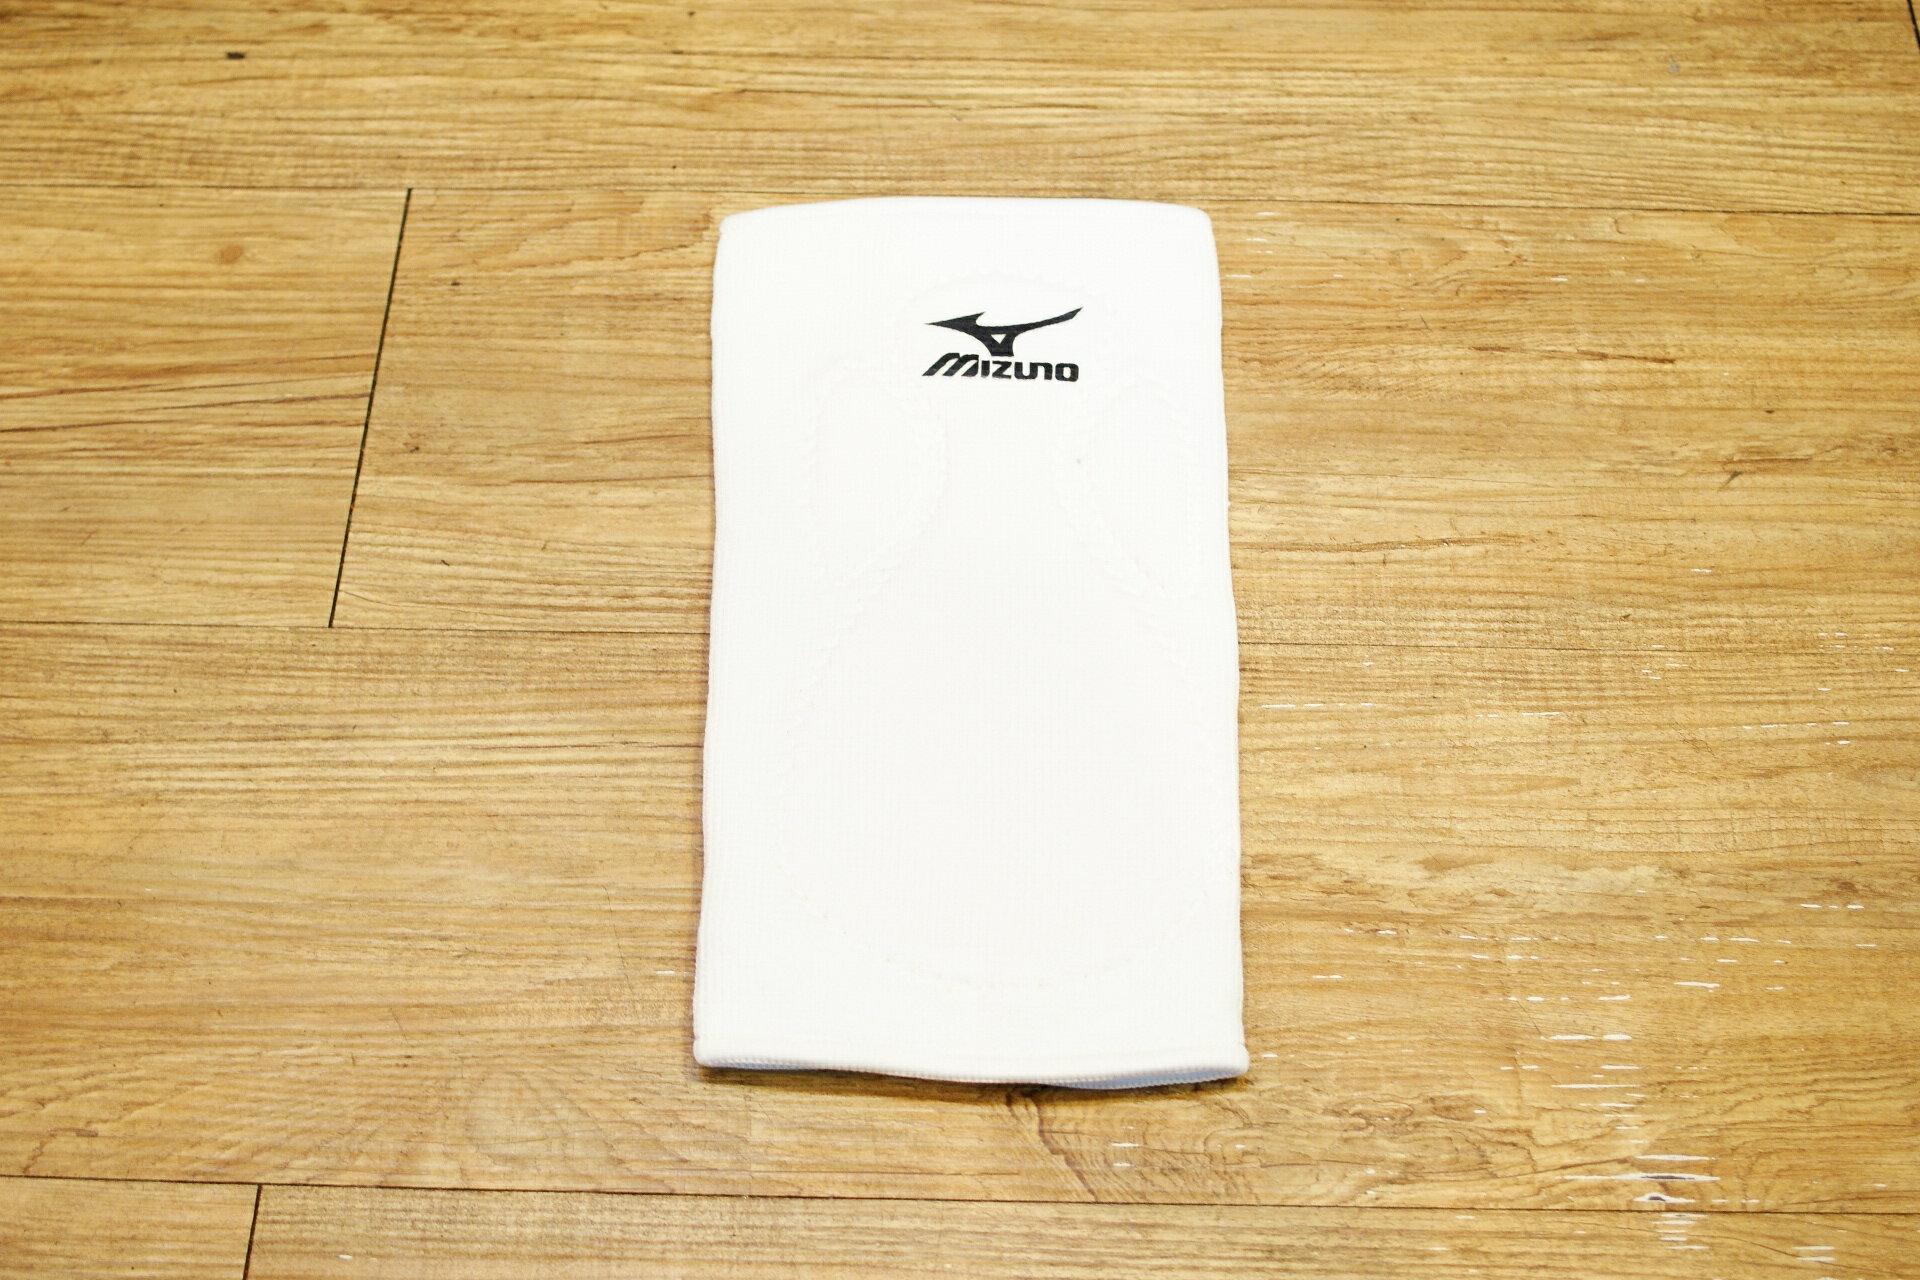 棒球世界 MIZUNO美津濃 運動護膝 特價 白色